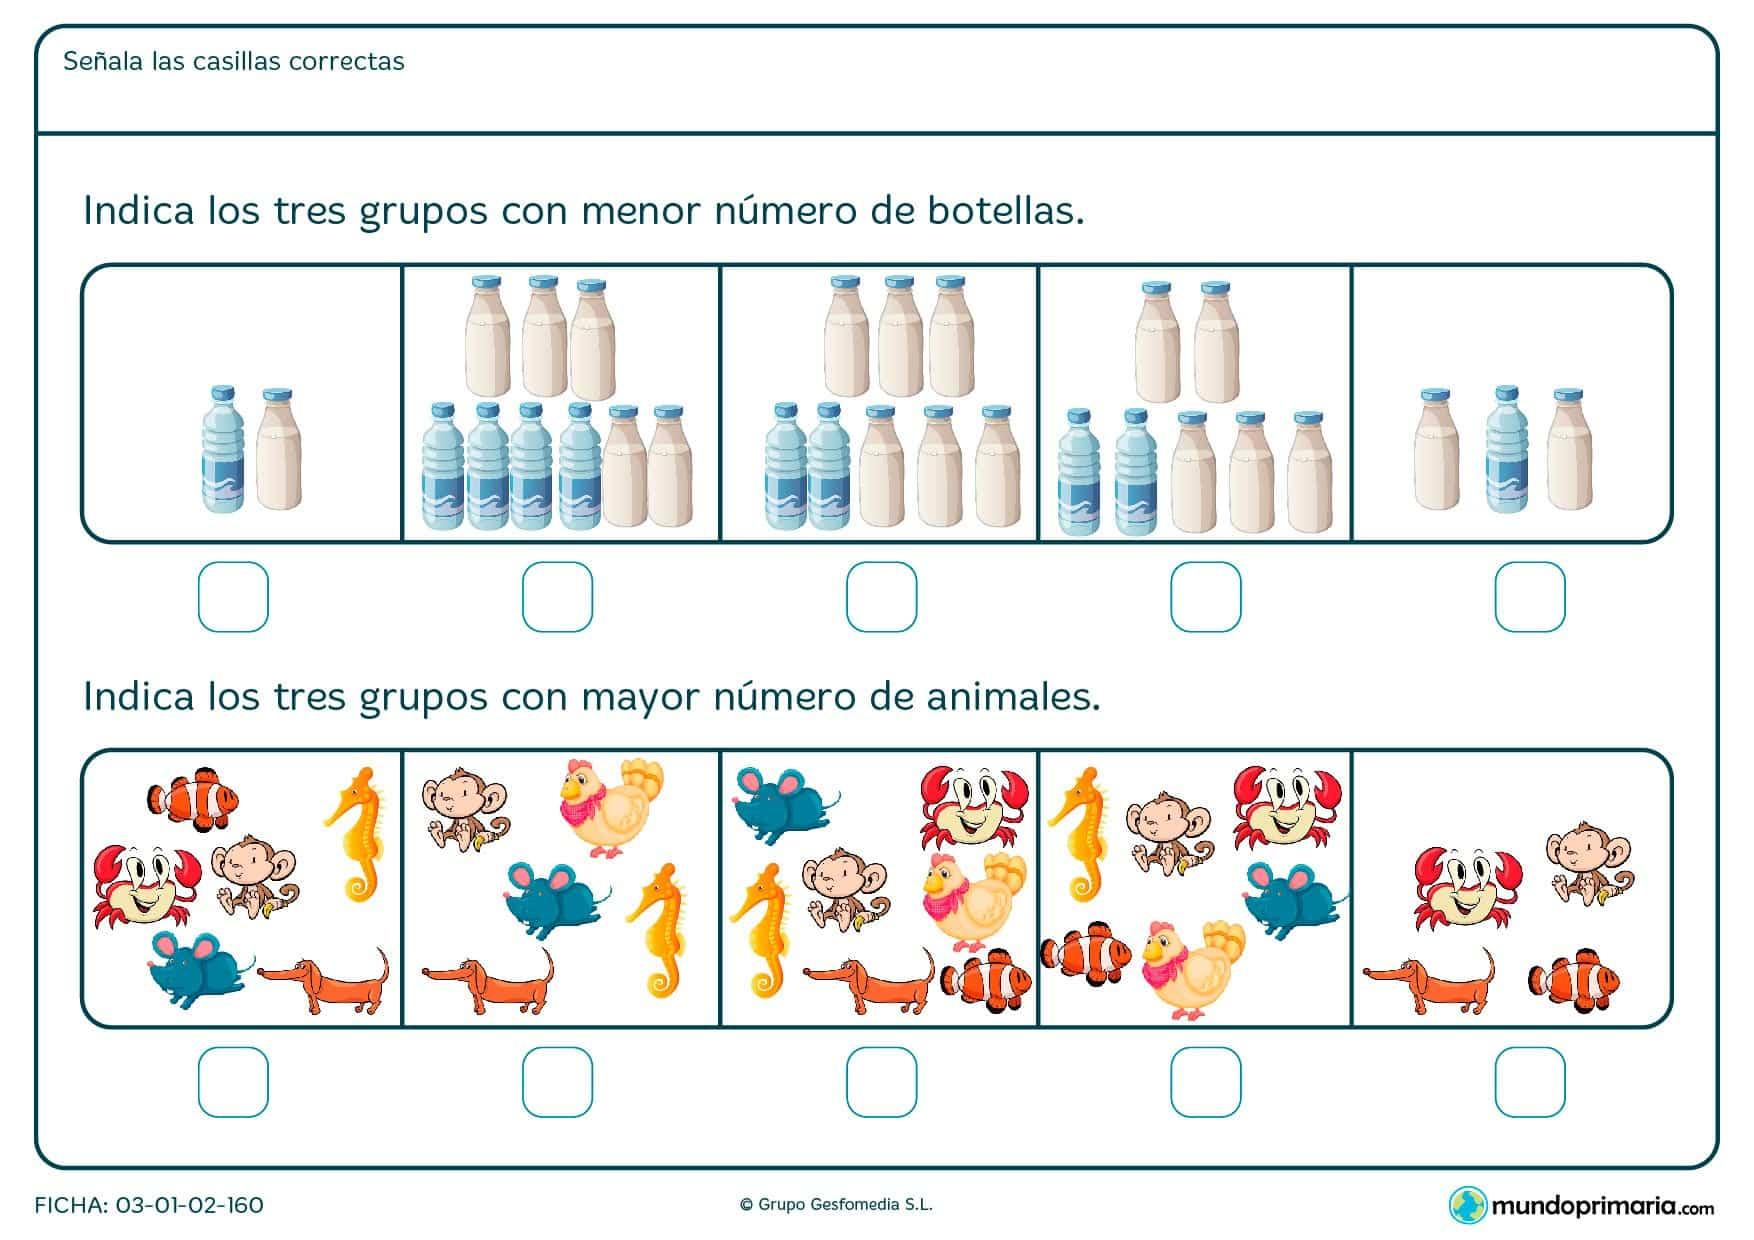 ¿En qué grupo de imágenes hay menos botellas? ¿Y en cuál de ellos hay más animales? Fíjate bien y responde con una cruz.